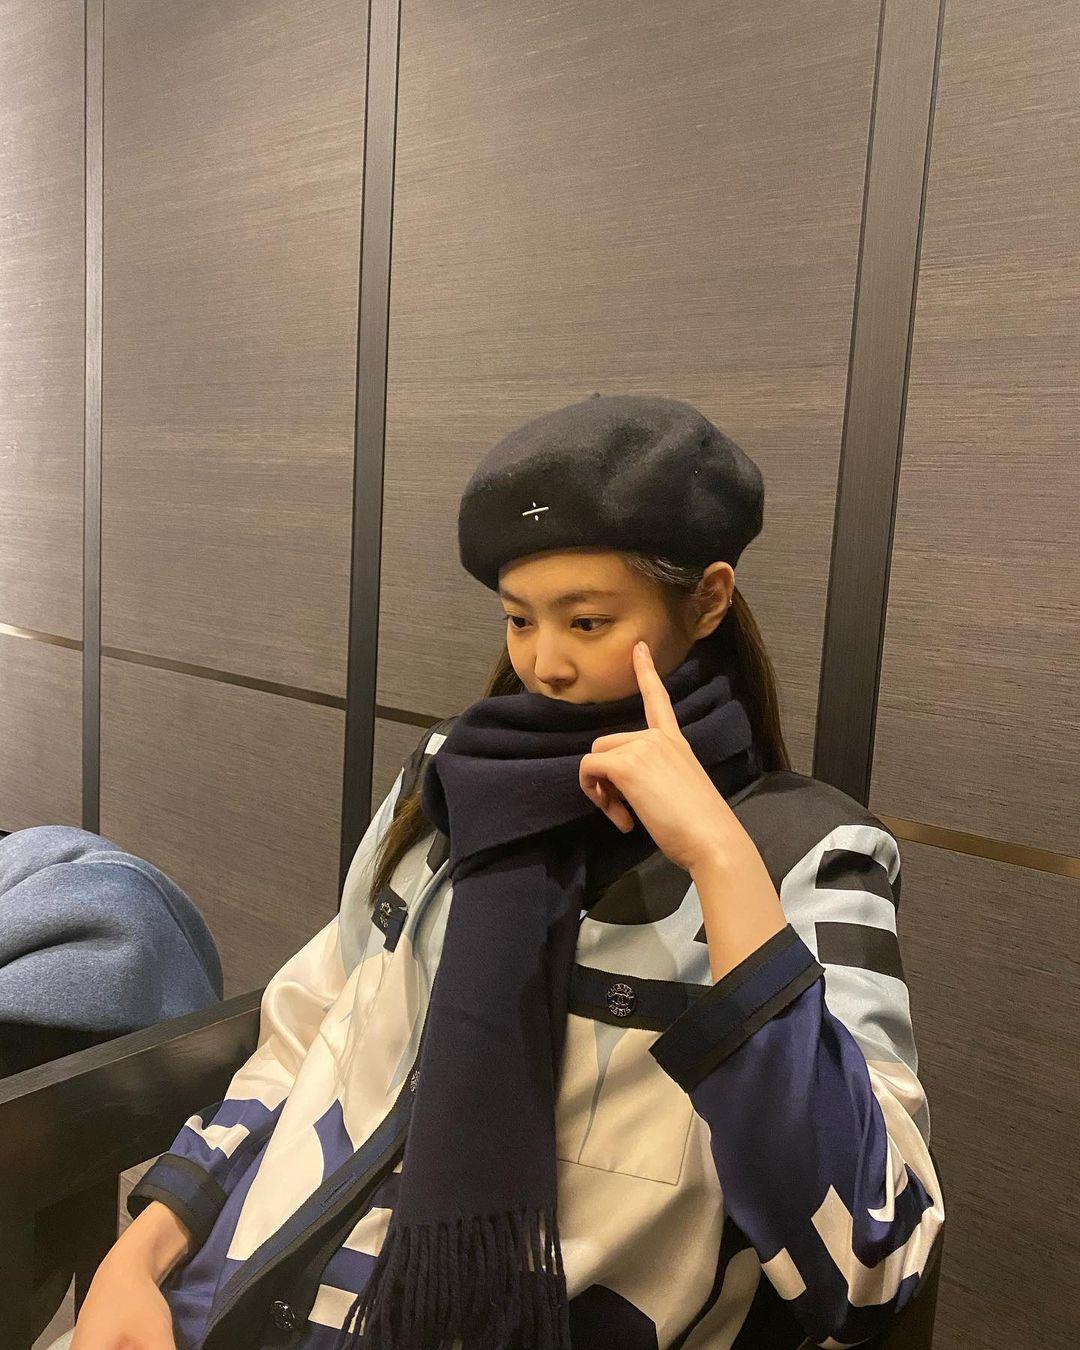 寒流来了! BLACKPINK成员们这样穿搭围巾,姐妹们学起来吧!插图6